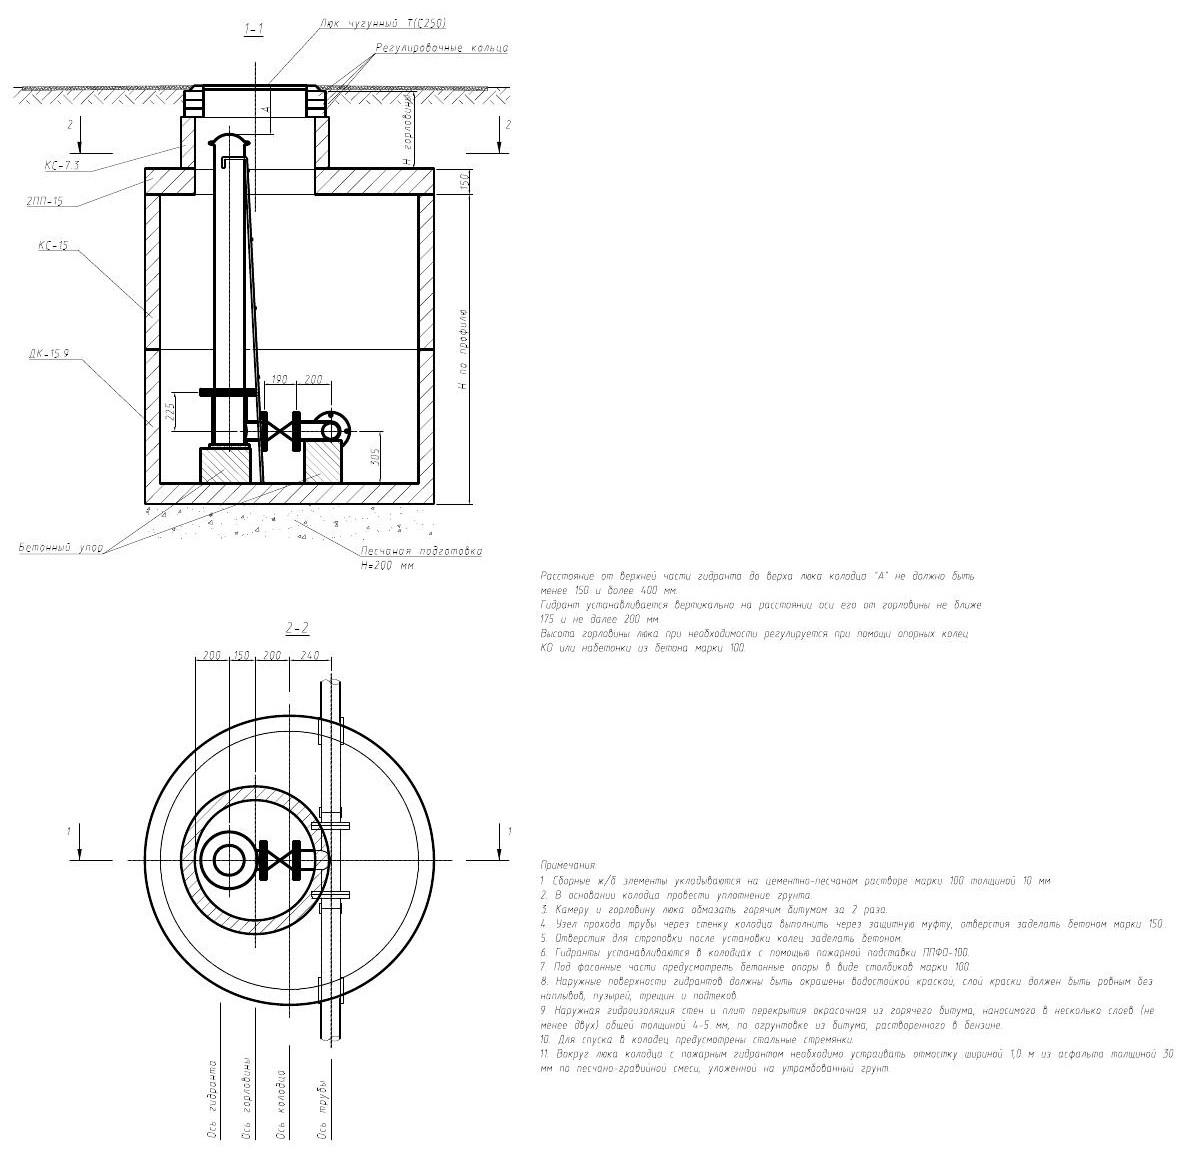 Пожарный гидрант в колодце – правила установки, требования к эксплуатации